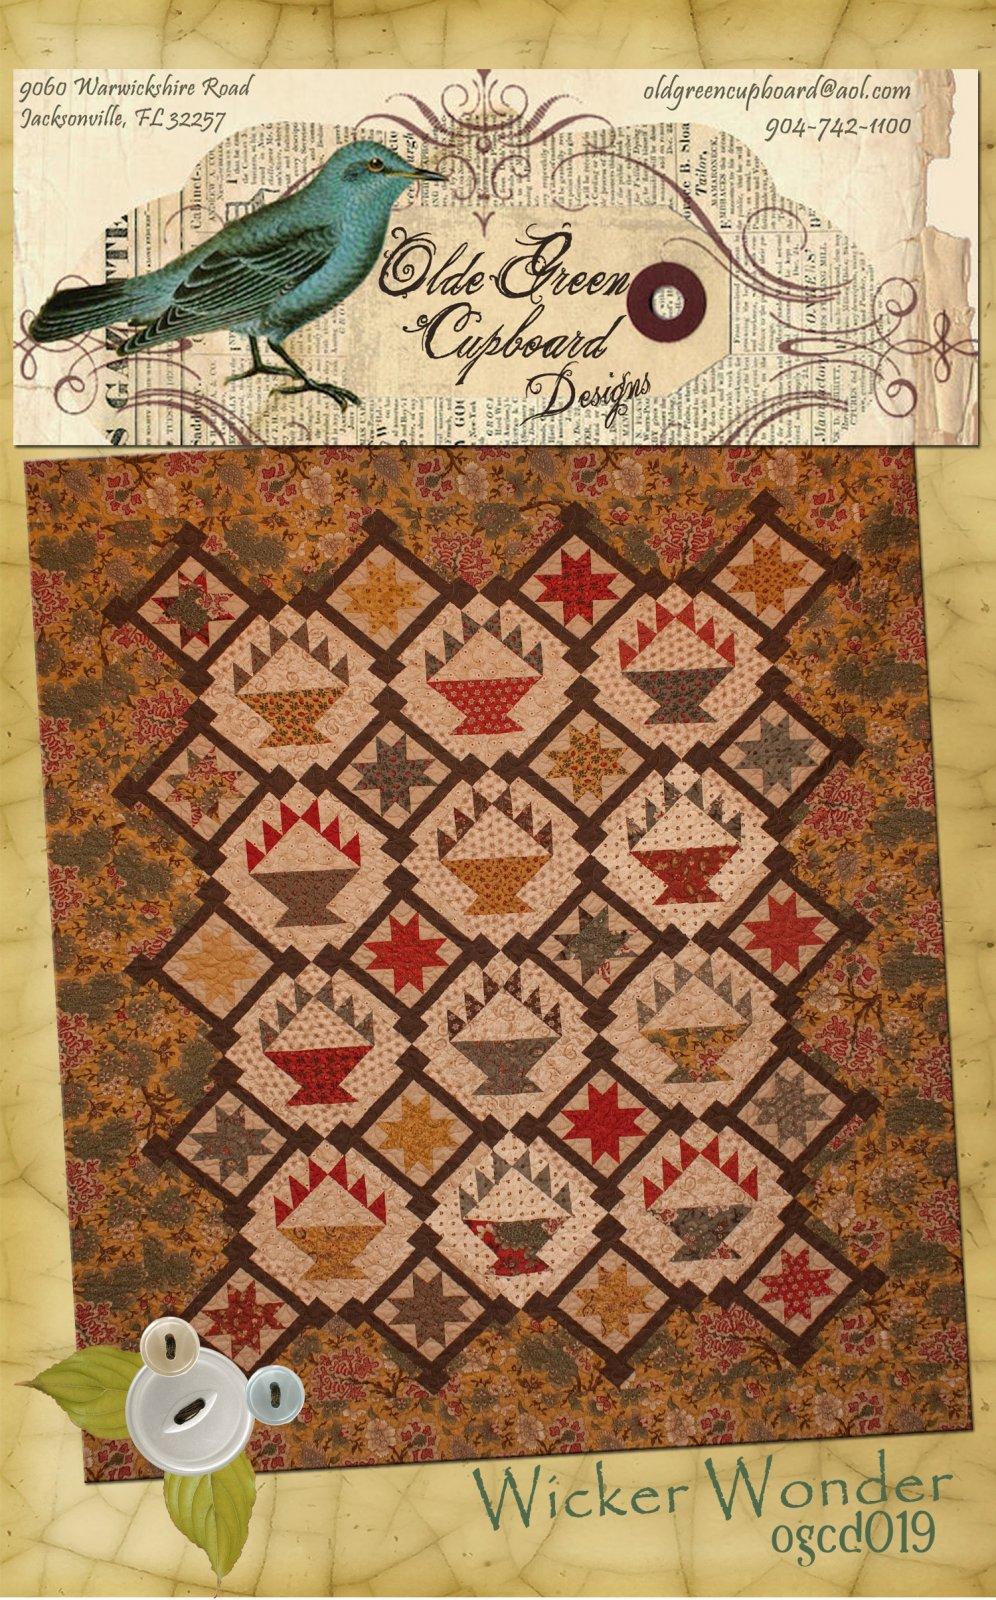 Wicker Wonder Basket Quilt Pattern - OGCD019